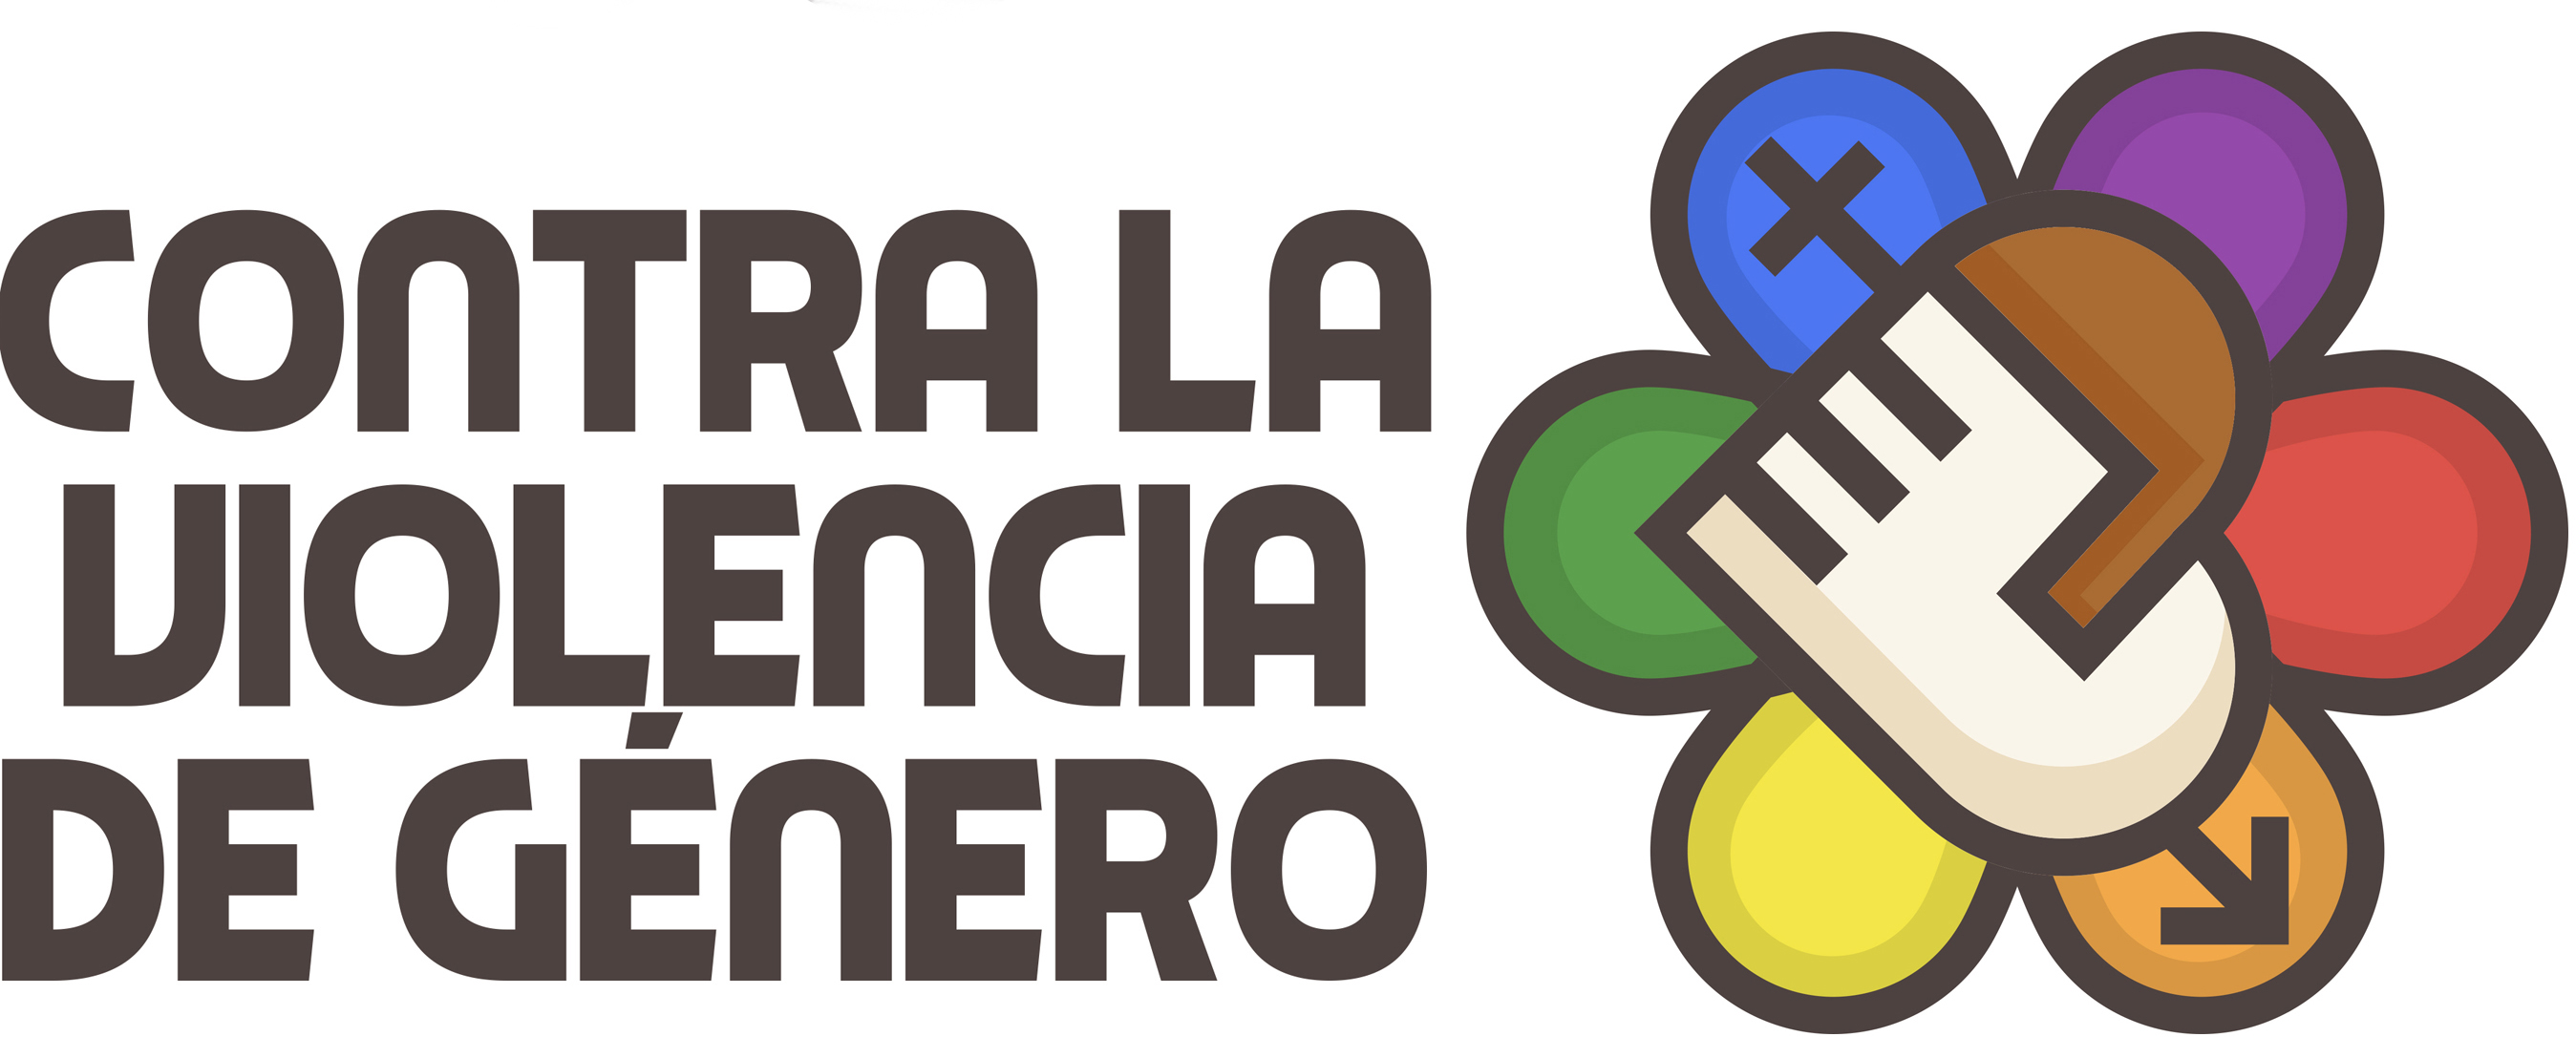 Ya Hay Logotipo Ganador Contra La Violencia De Género